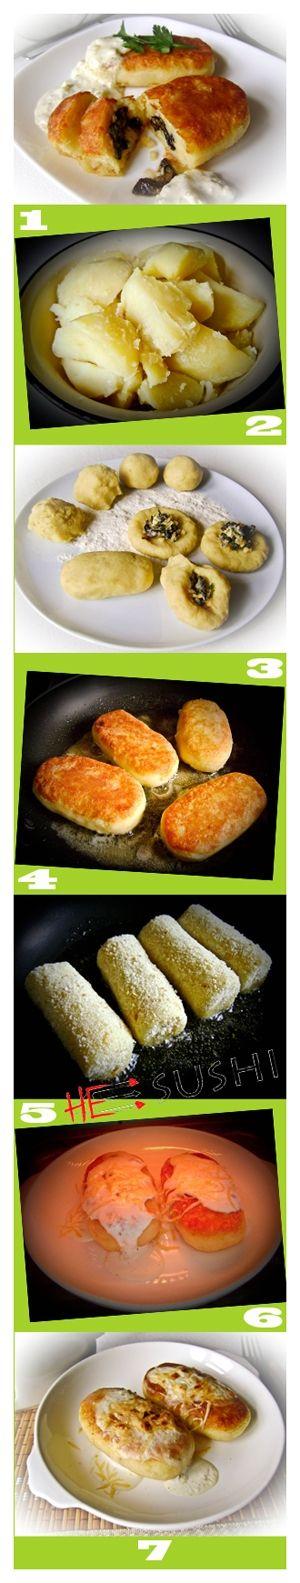 Картофельные зразы с грибами и другими начинками из овощей - актуальные рецепты для постных дней. Вкусно, сытно, разнообразно :-)